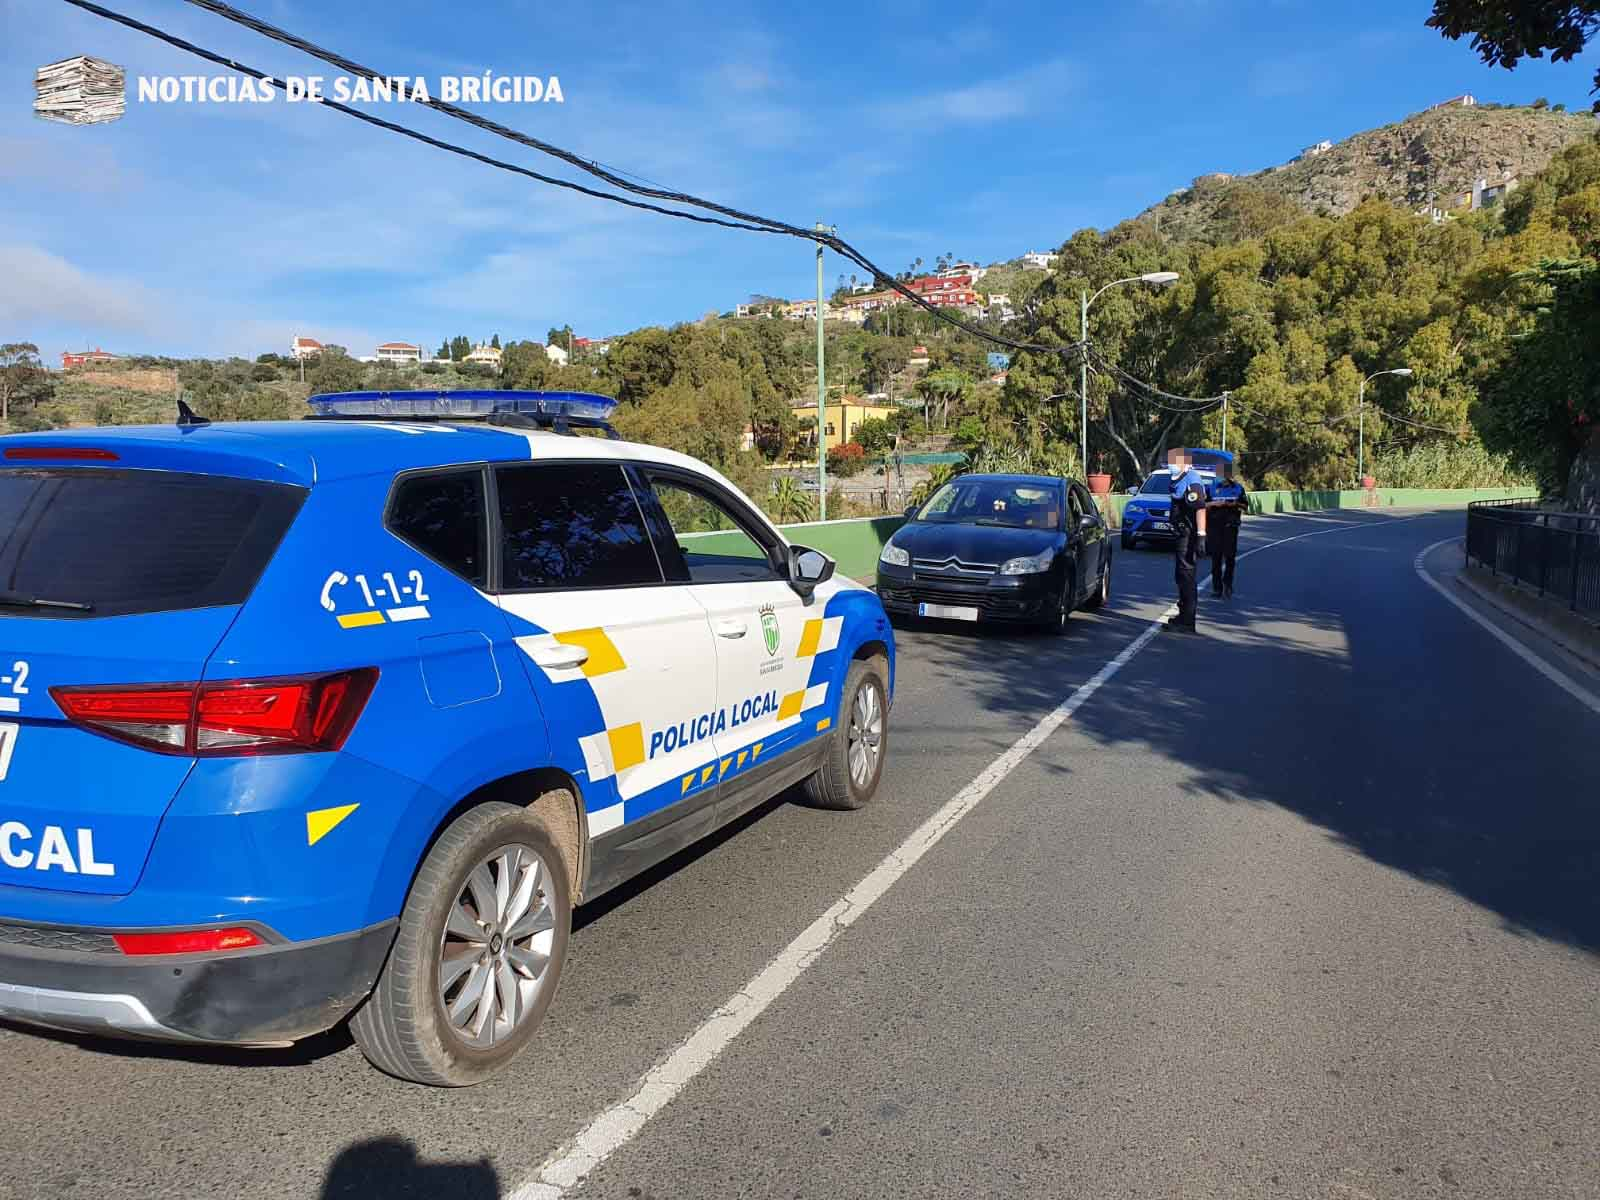 Nuevas denuncias en Santa Brígida por saltarse el confinamiento